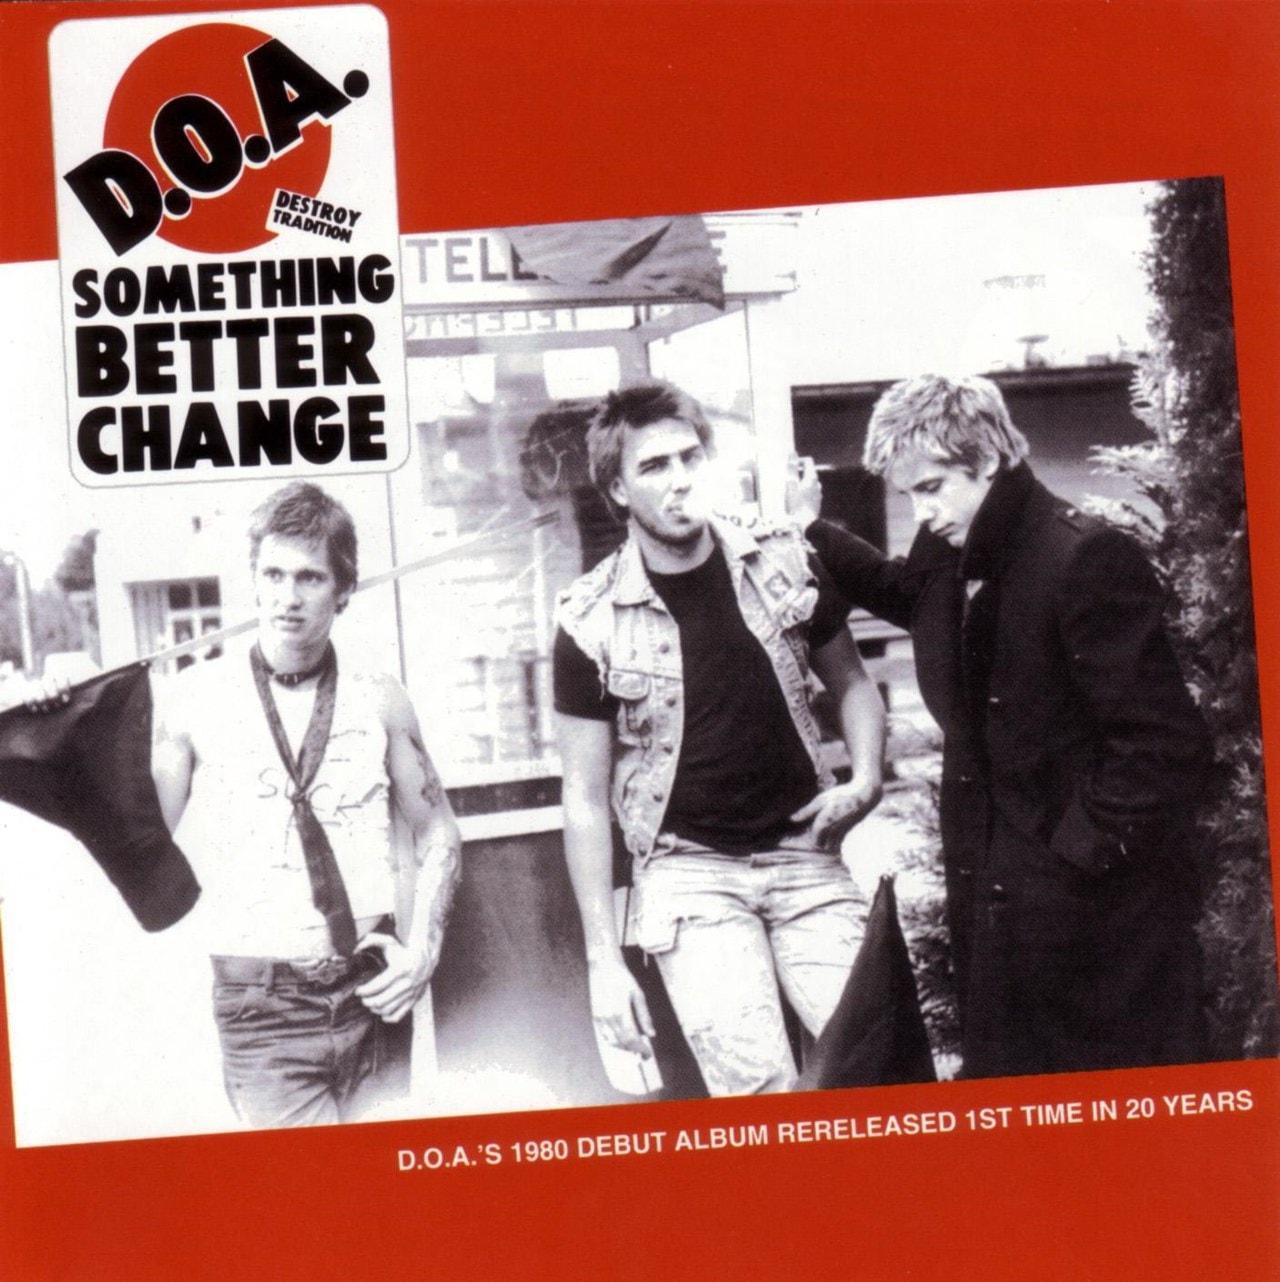 Something Better Change - 1